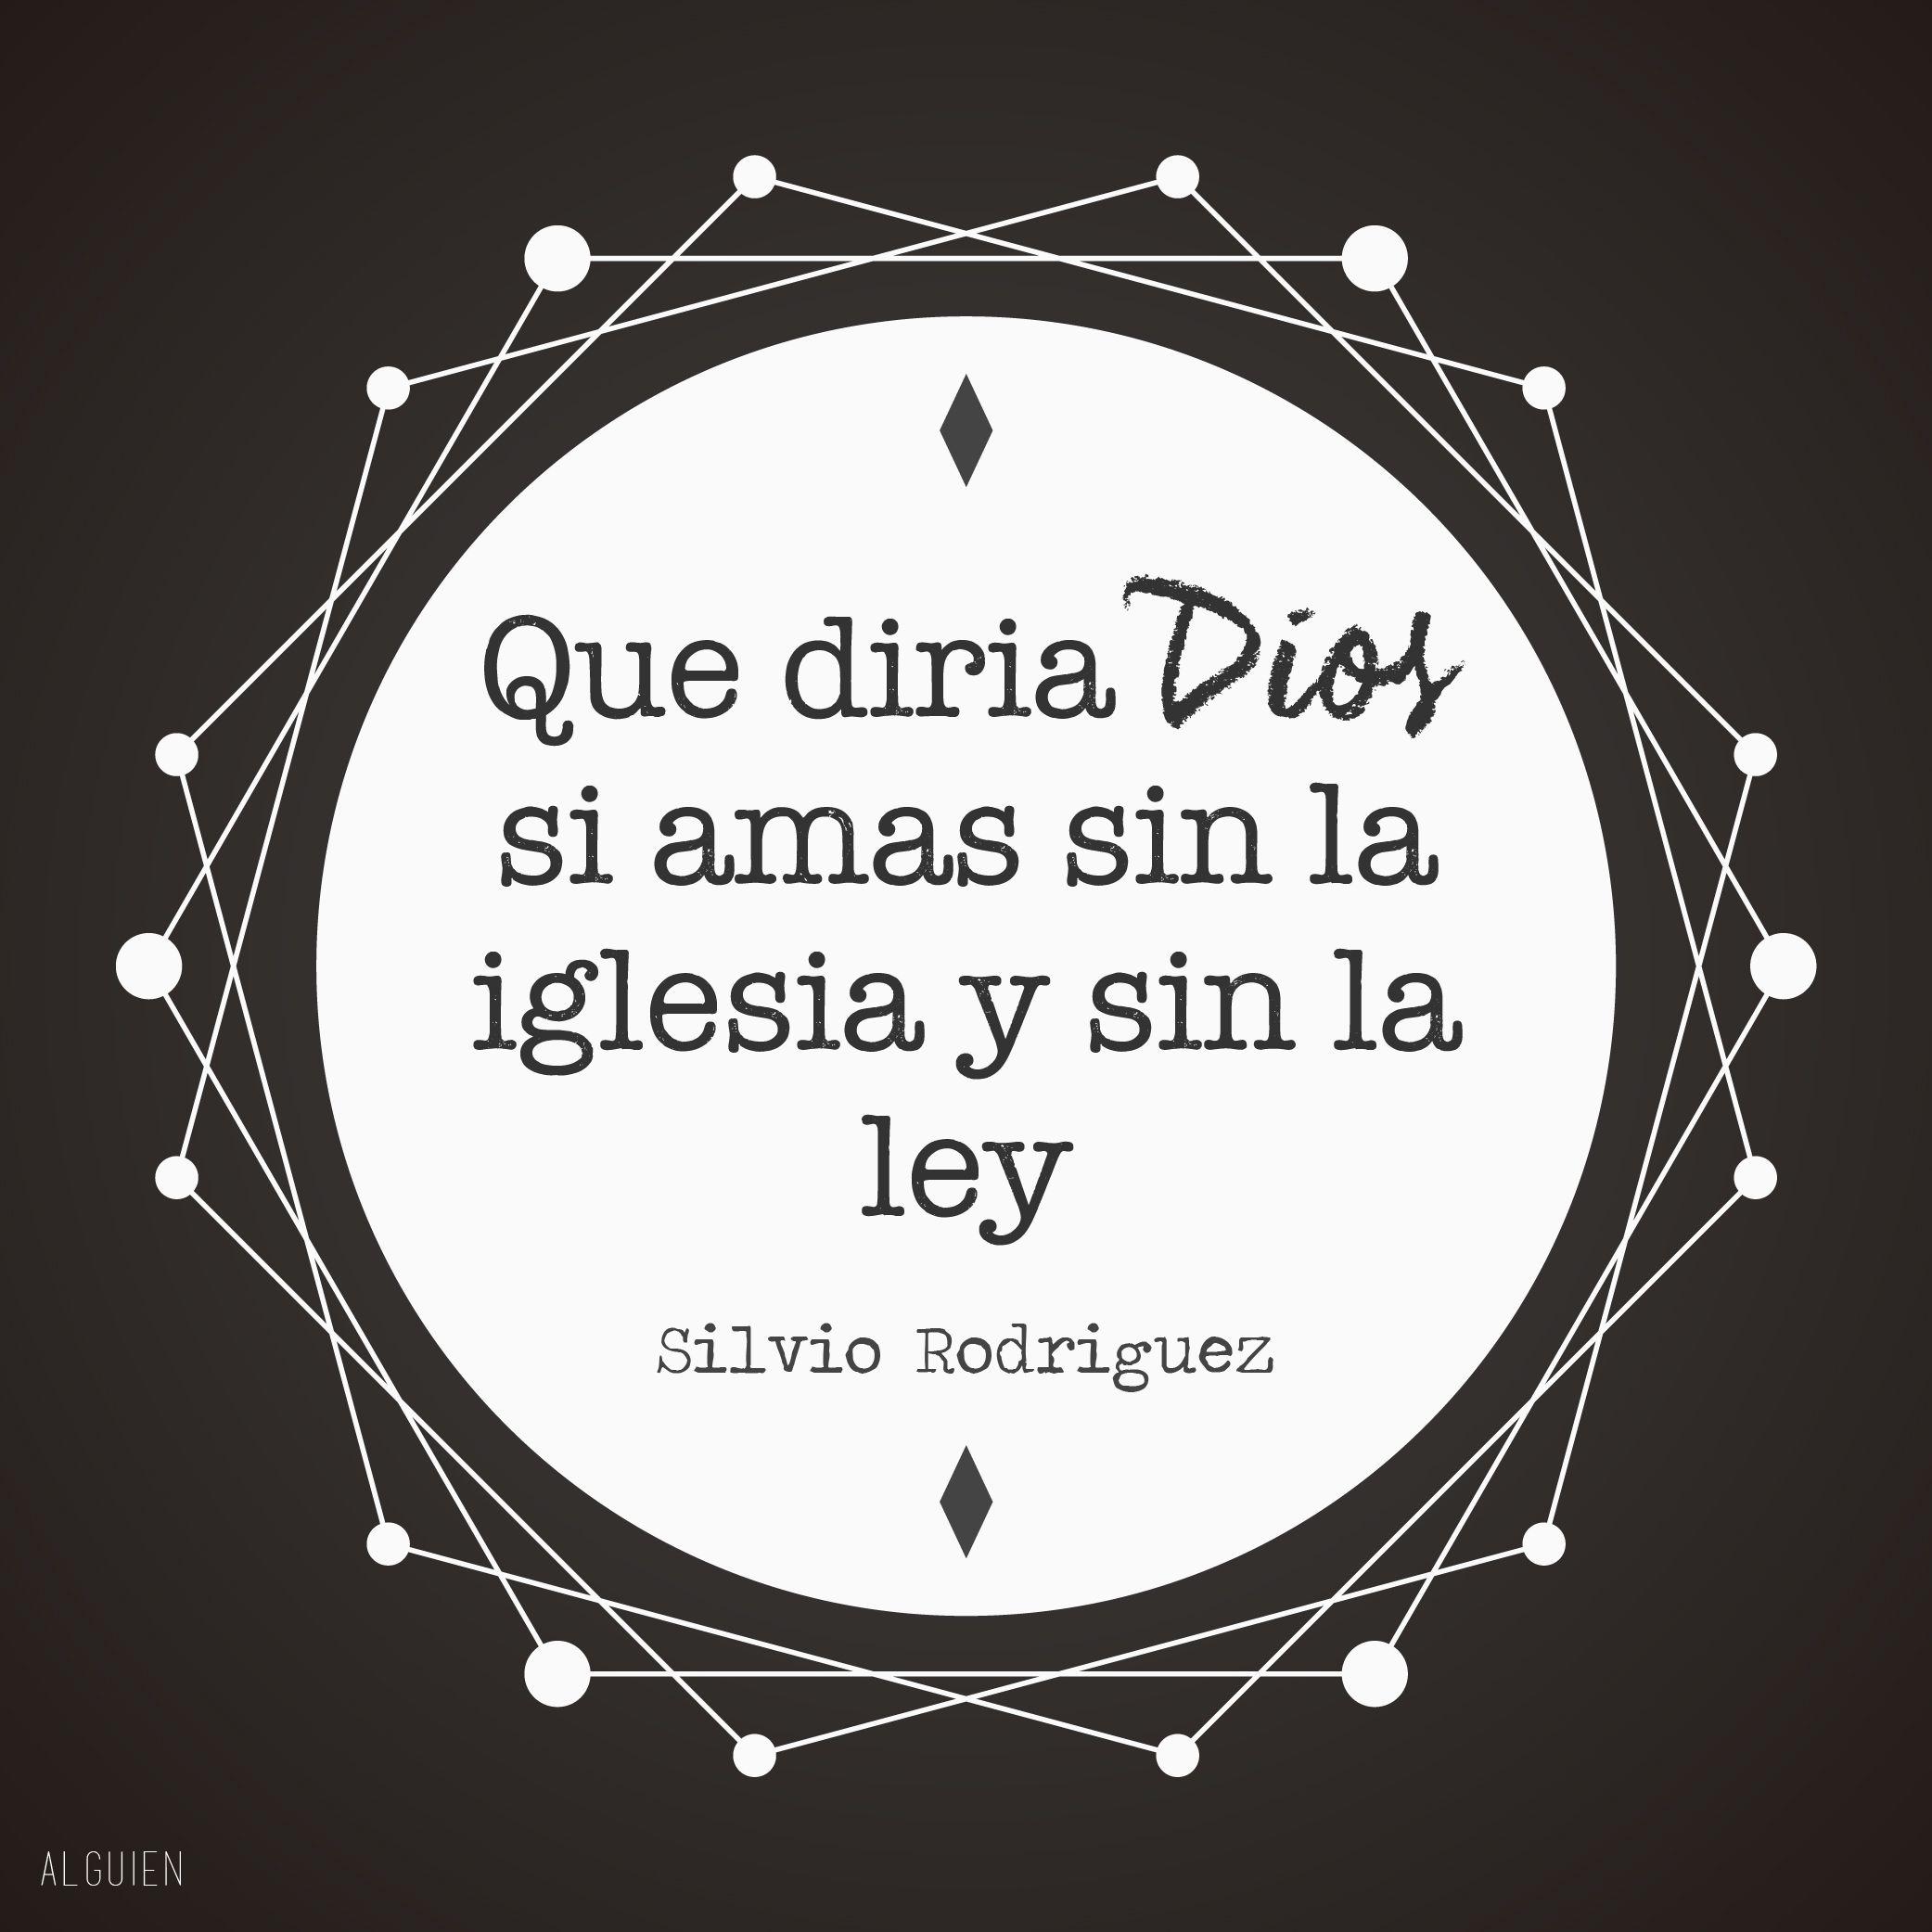 Que Diria Dios Si Amas Sin La Iglesia Y Sin La Ley Silvio Rodriguez Loneliness Quotes Words Quotes